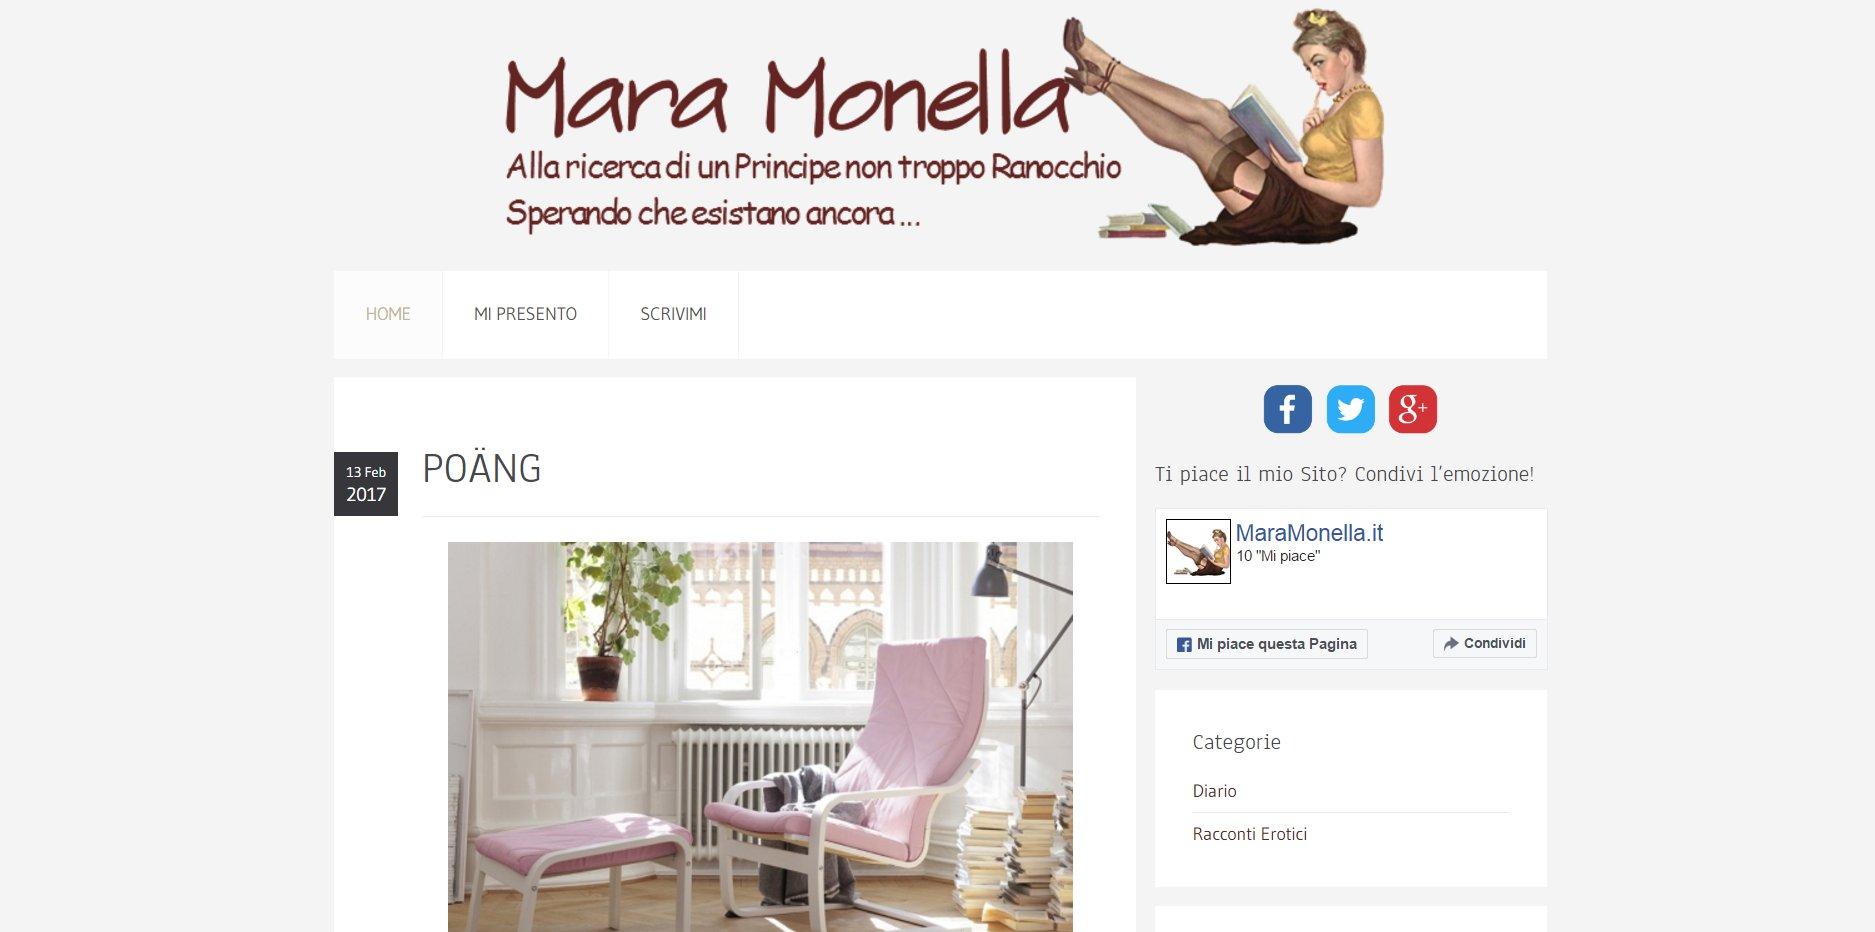 MaraMonella.it